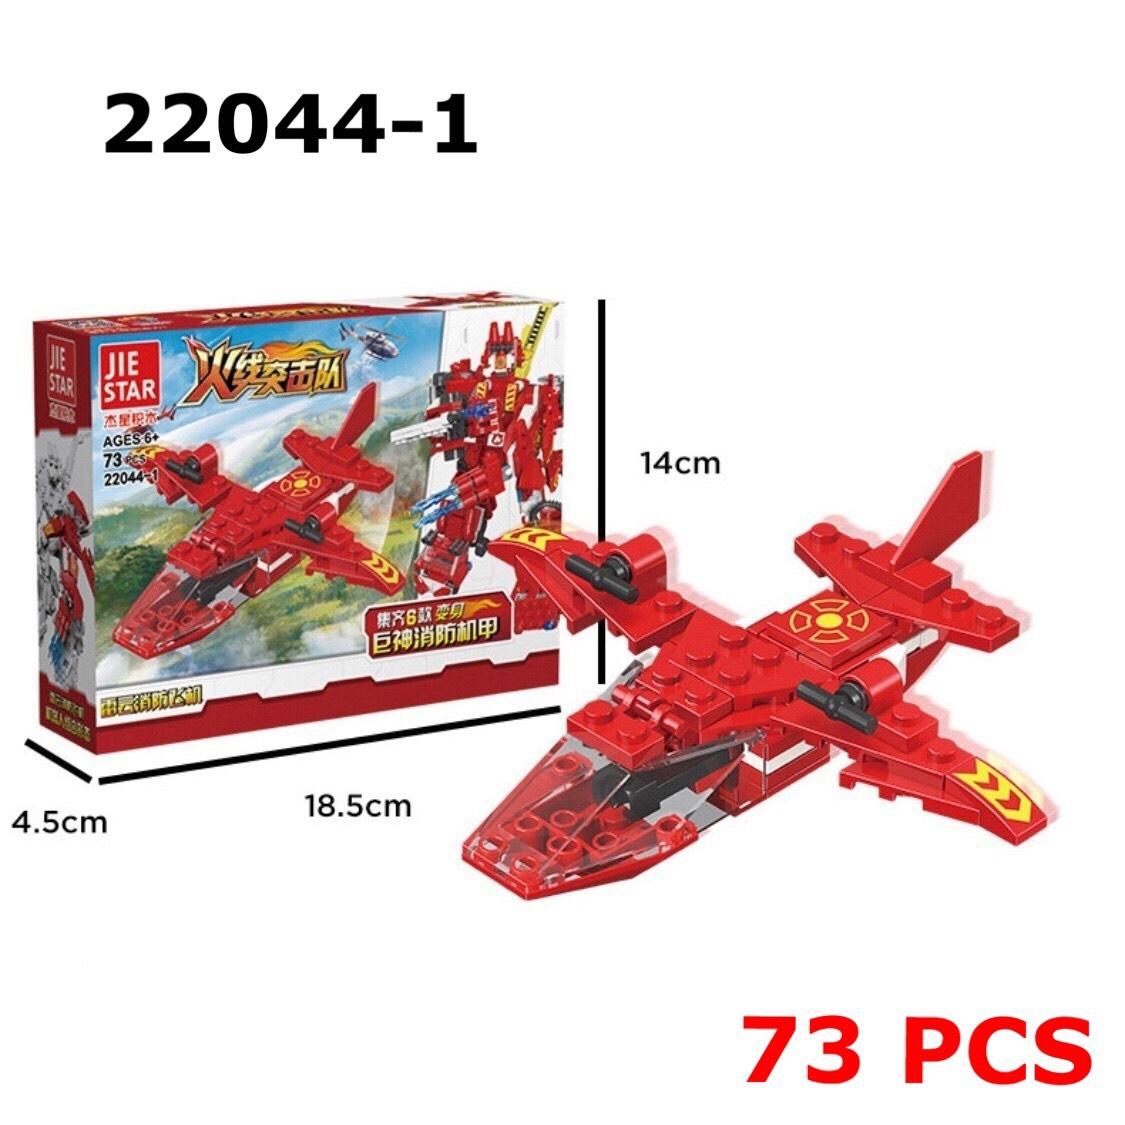 Đồ chơi trẻ em Lego city cao cấp xếp hình lắp ráp các loại mô hình